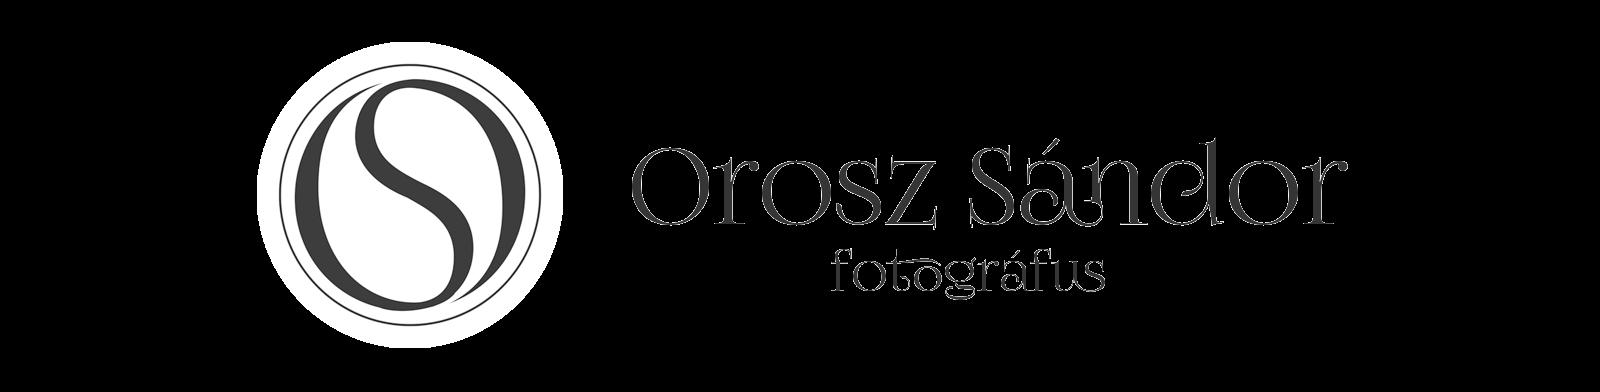 Orosz Sándor fotográfus